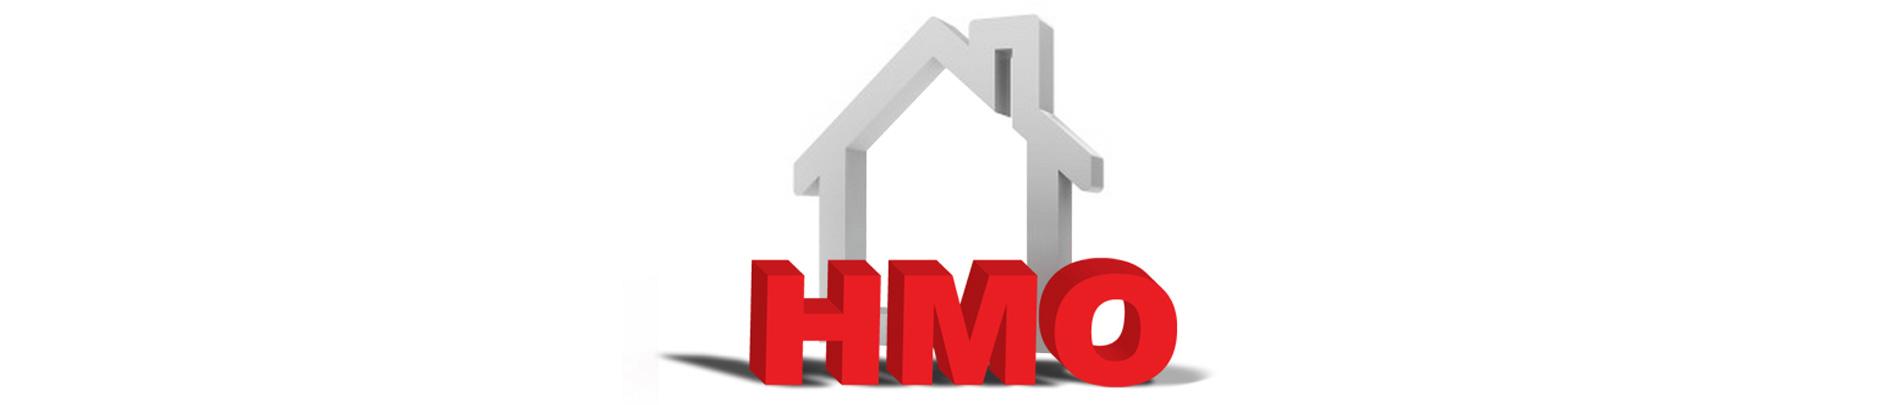 Nick Fox Top 10 Tips When Considering a HMO